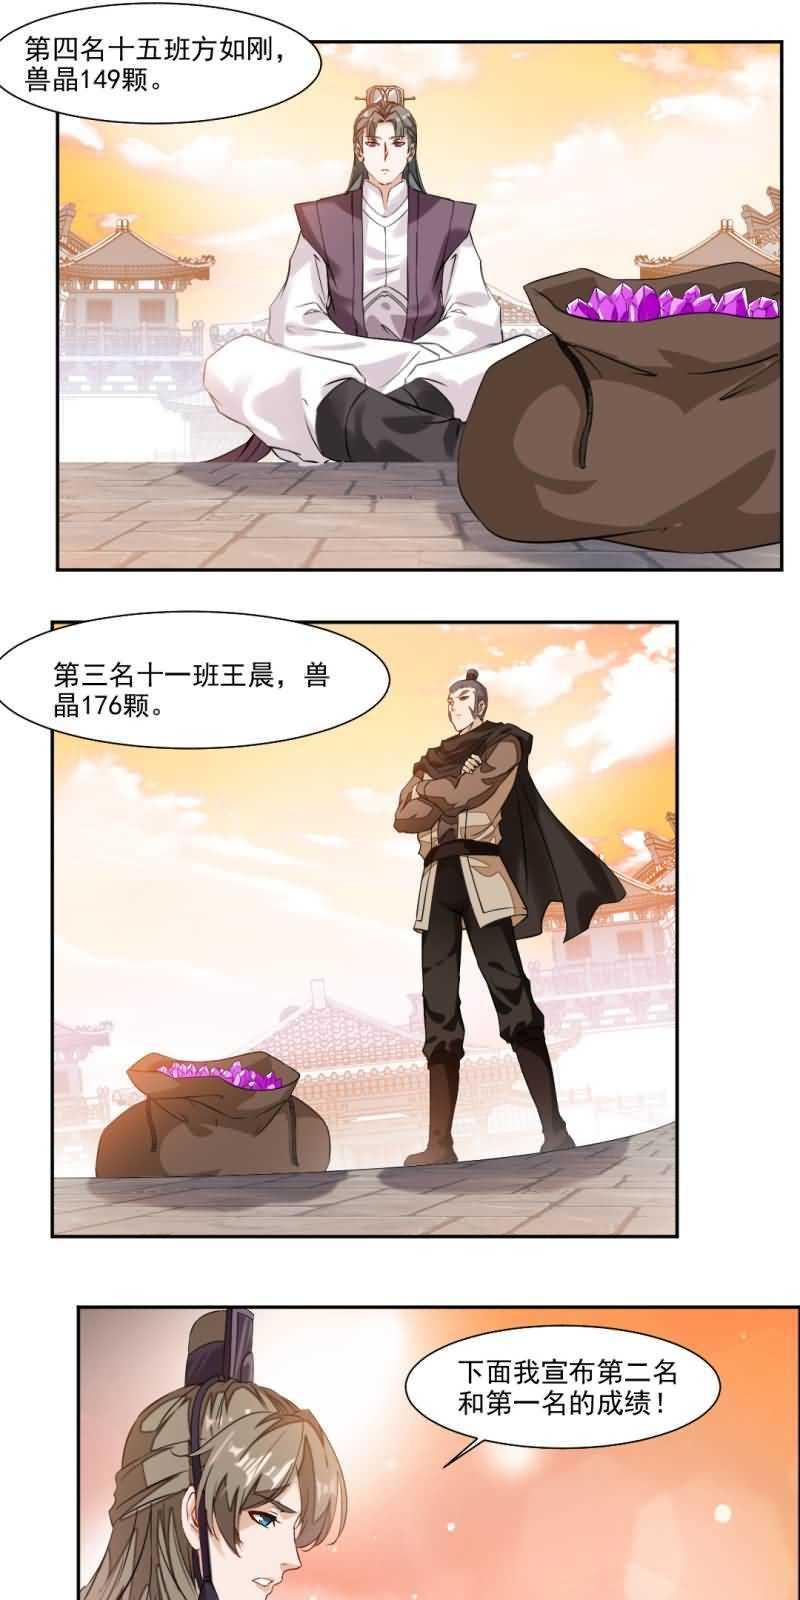 九阳神王第29话  冠军是…秦云! 第 4